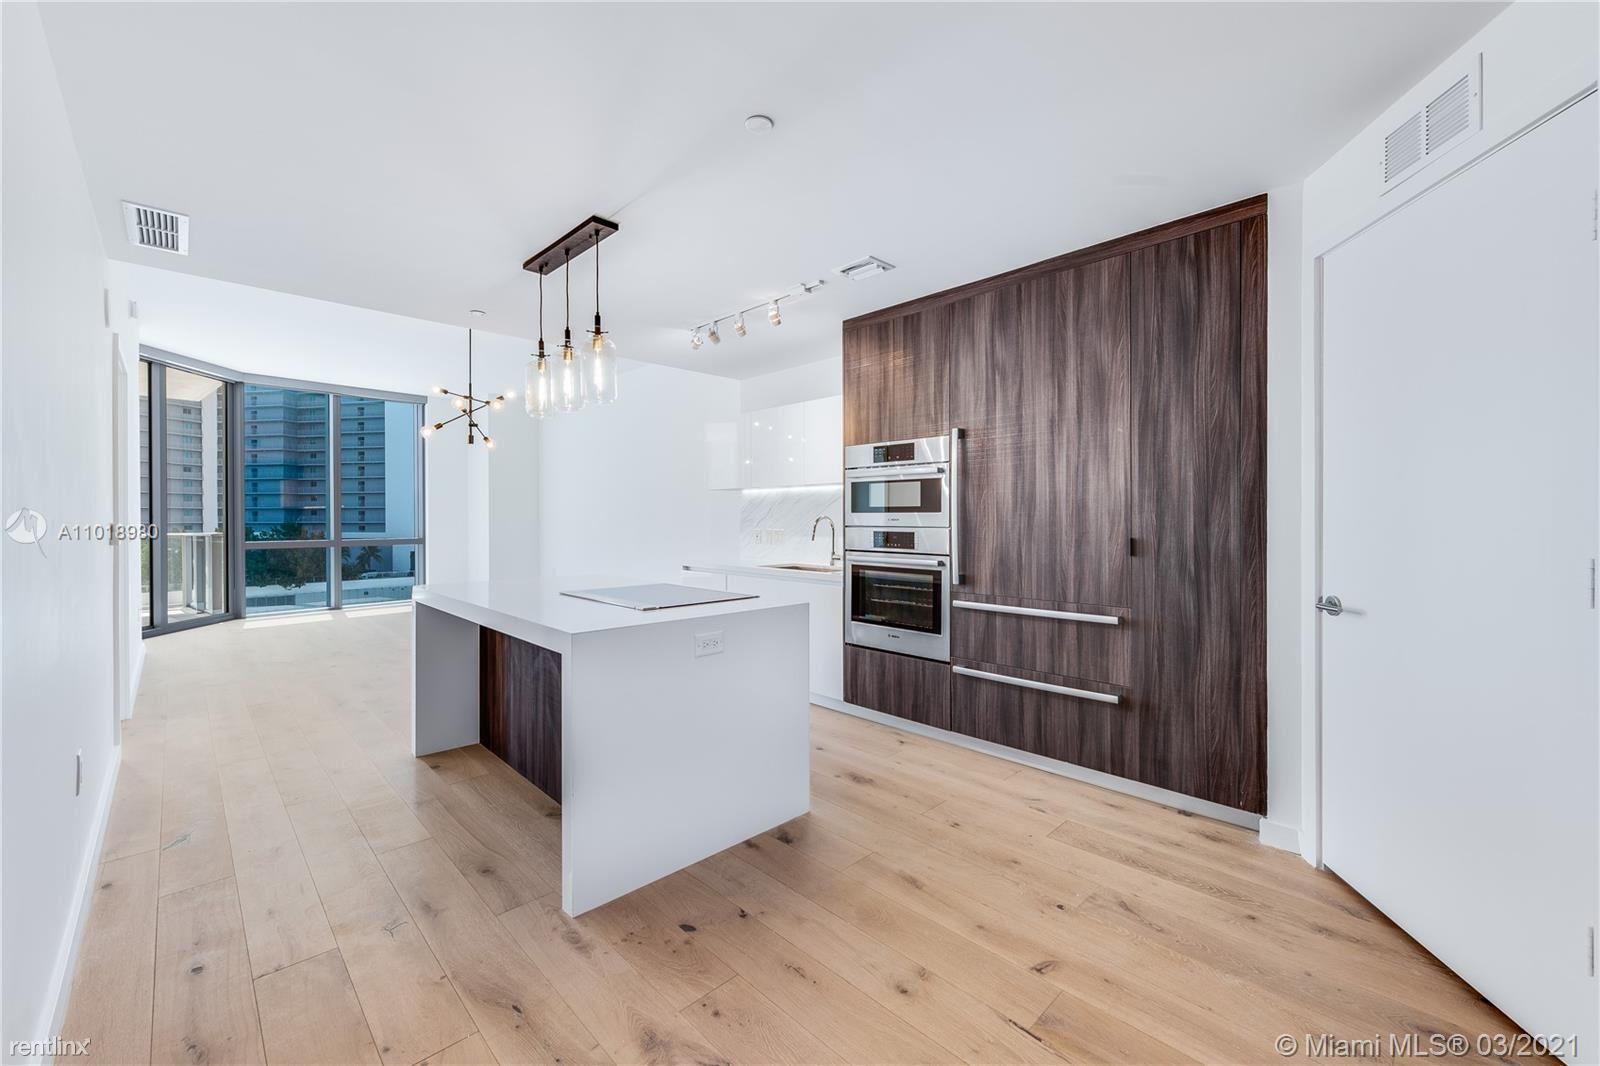 851 NE 1st Ave, Miami, FL - $4,500 USD/ month